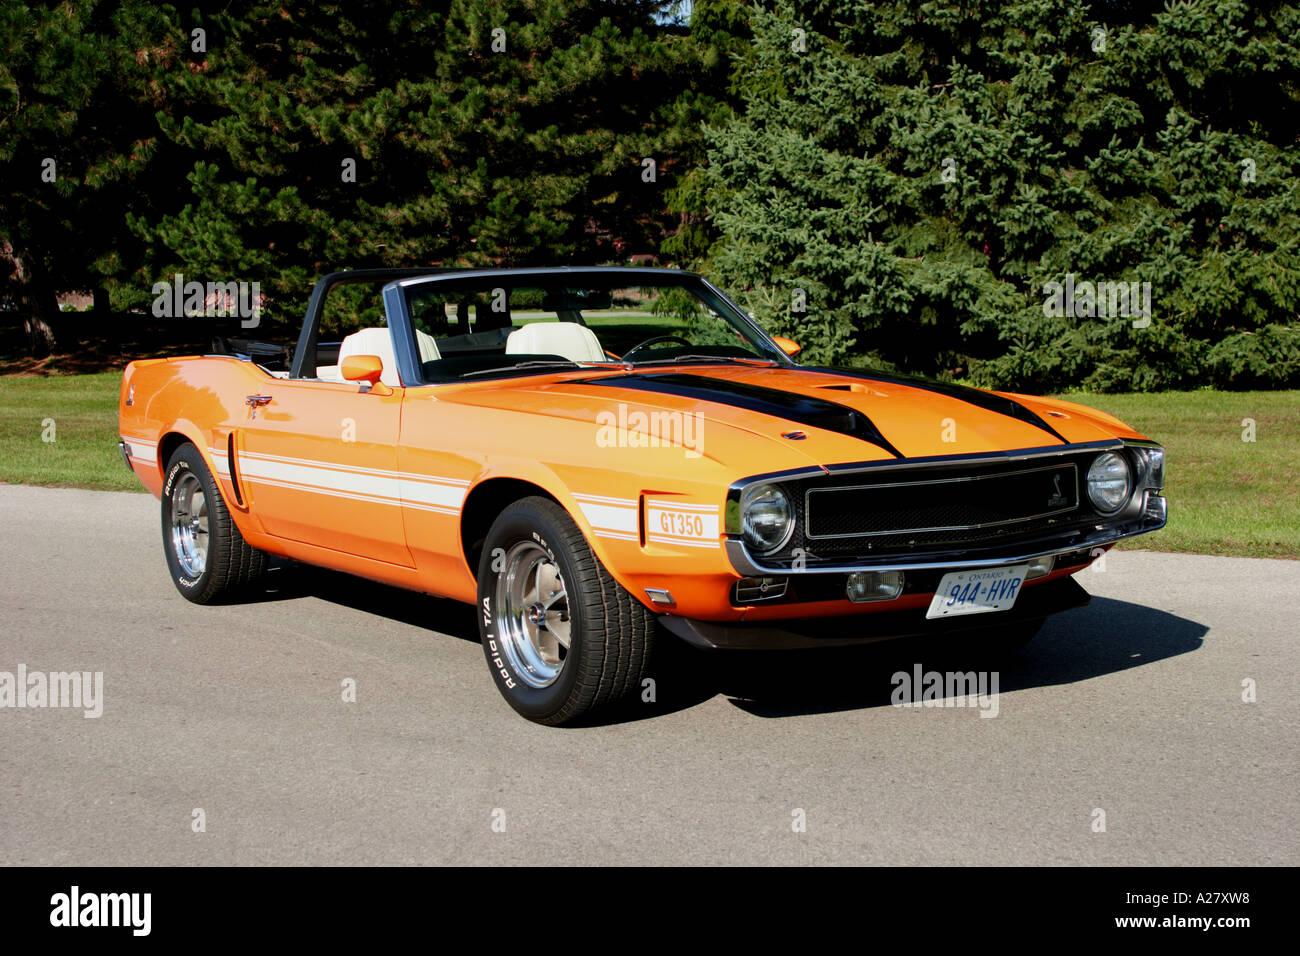 Erfreut 69 Mustang Verdrahtungsschema Bilder - Elektrische ...